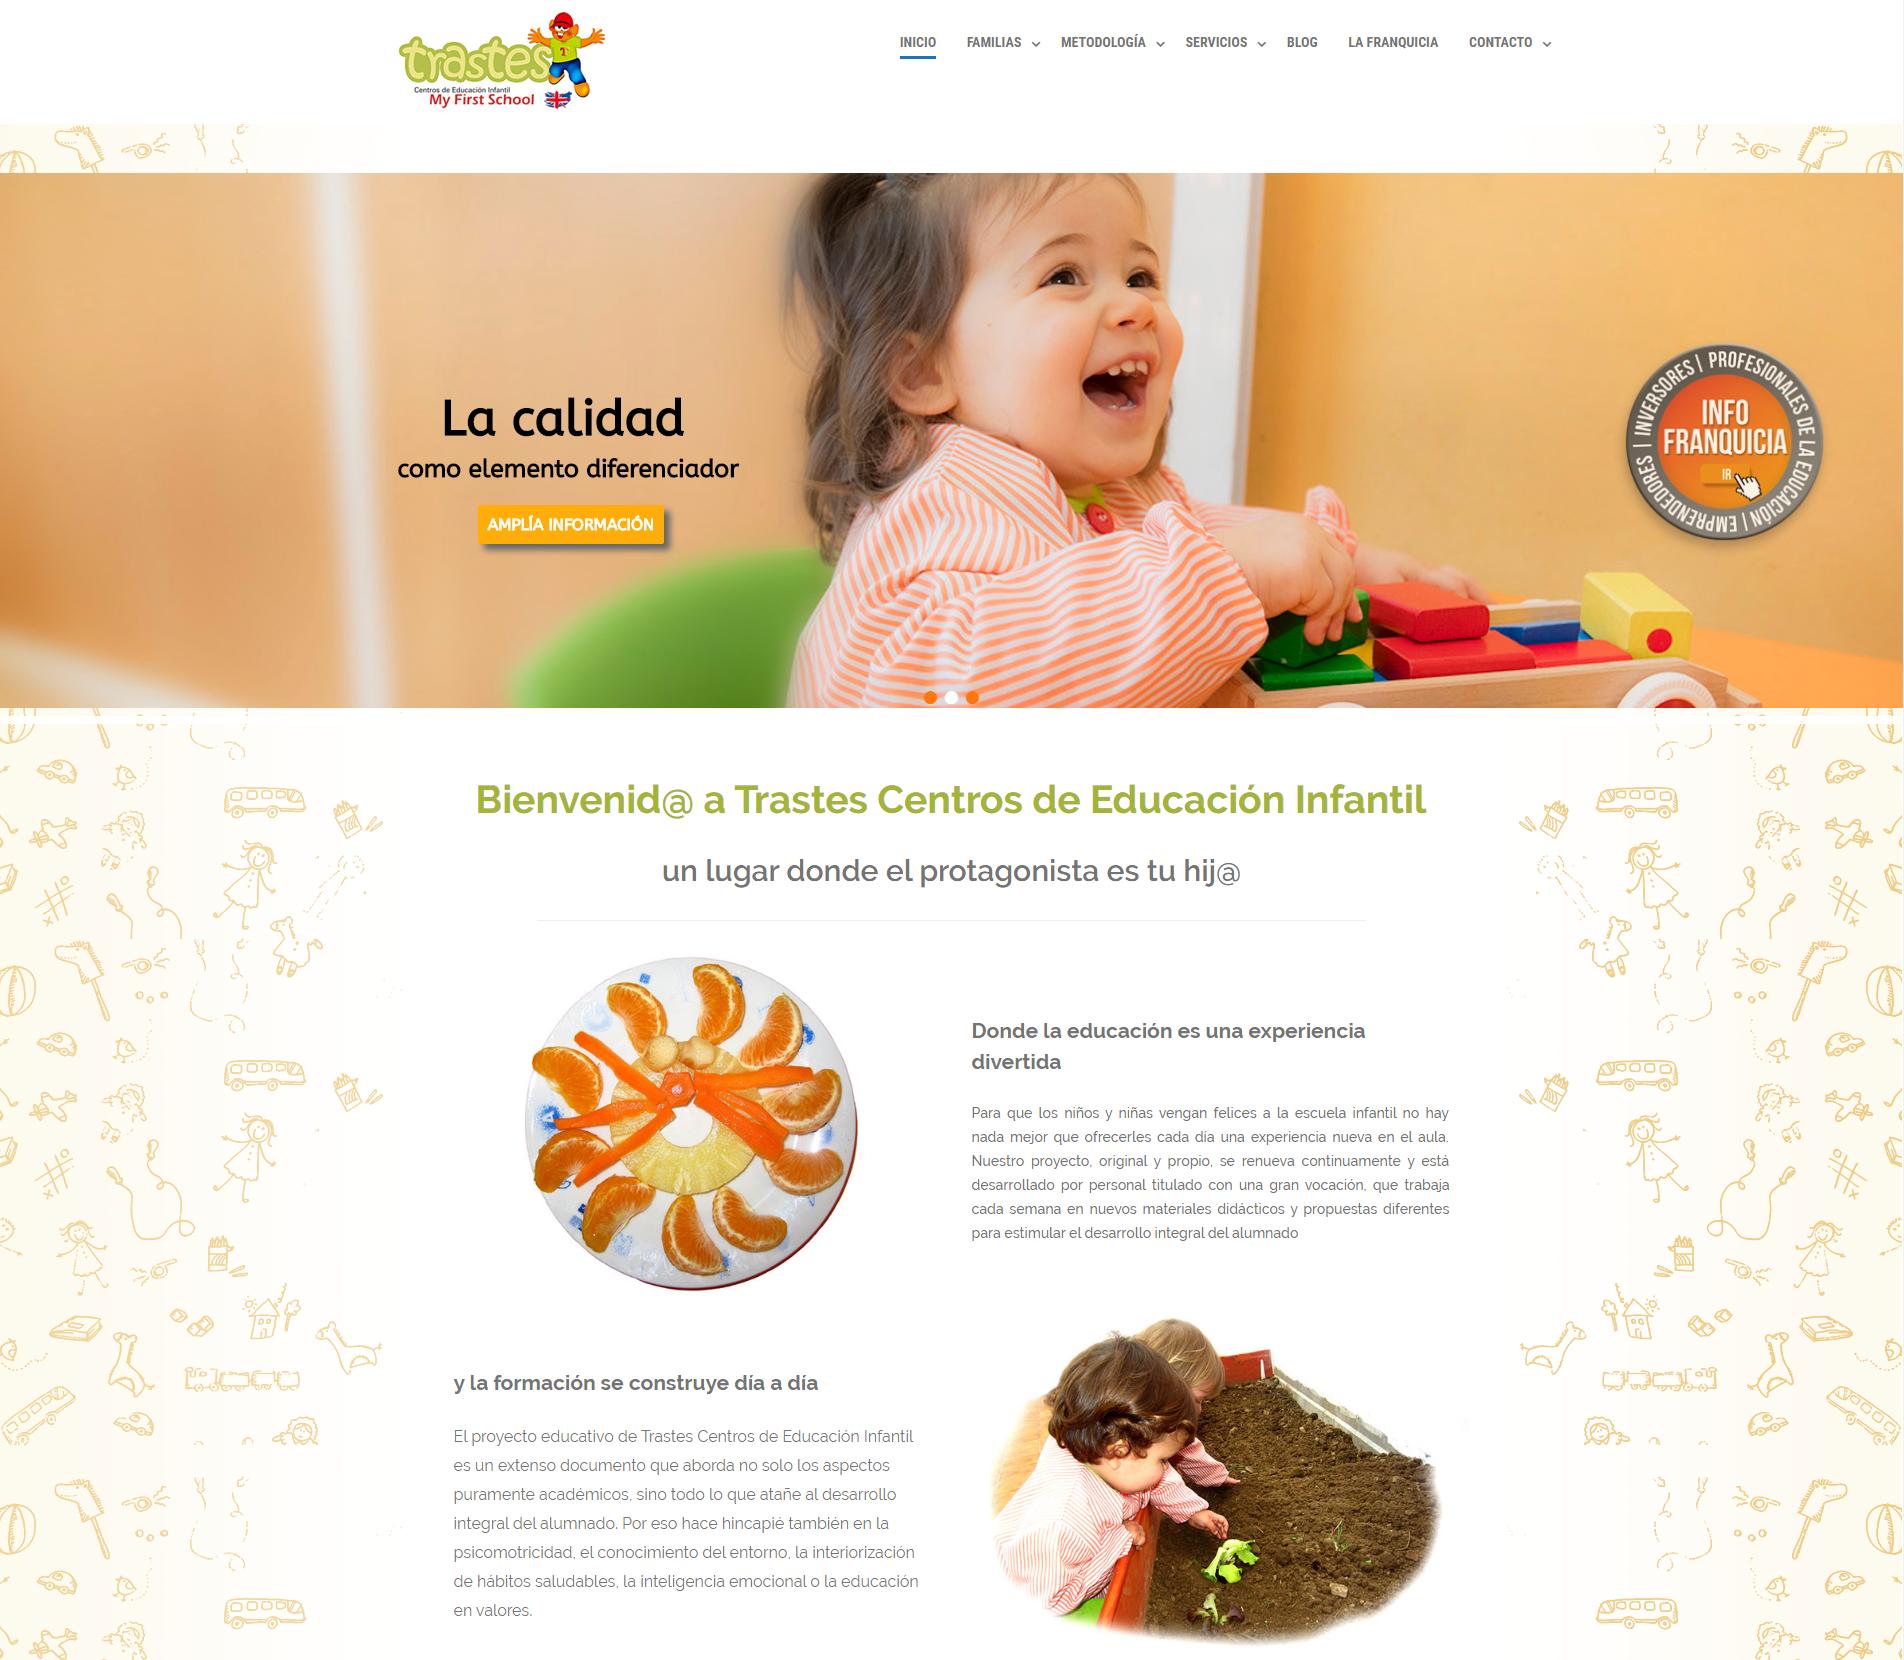 Ejemplos diseño web corporativa. Diseño para Escuela Infantil Trastes